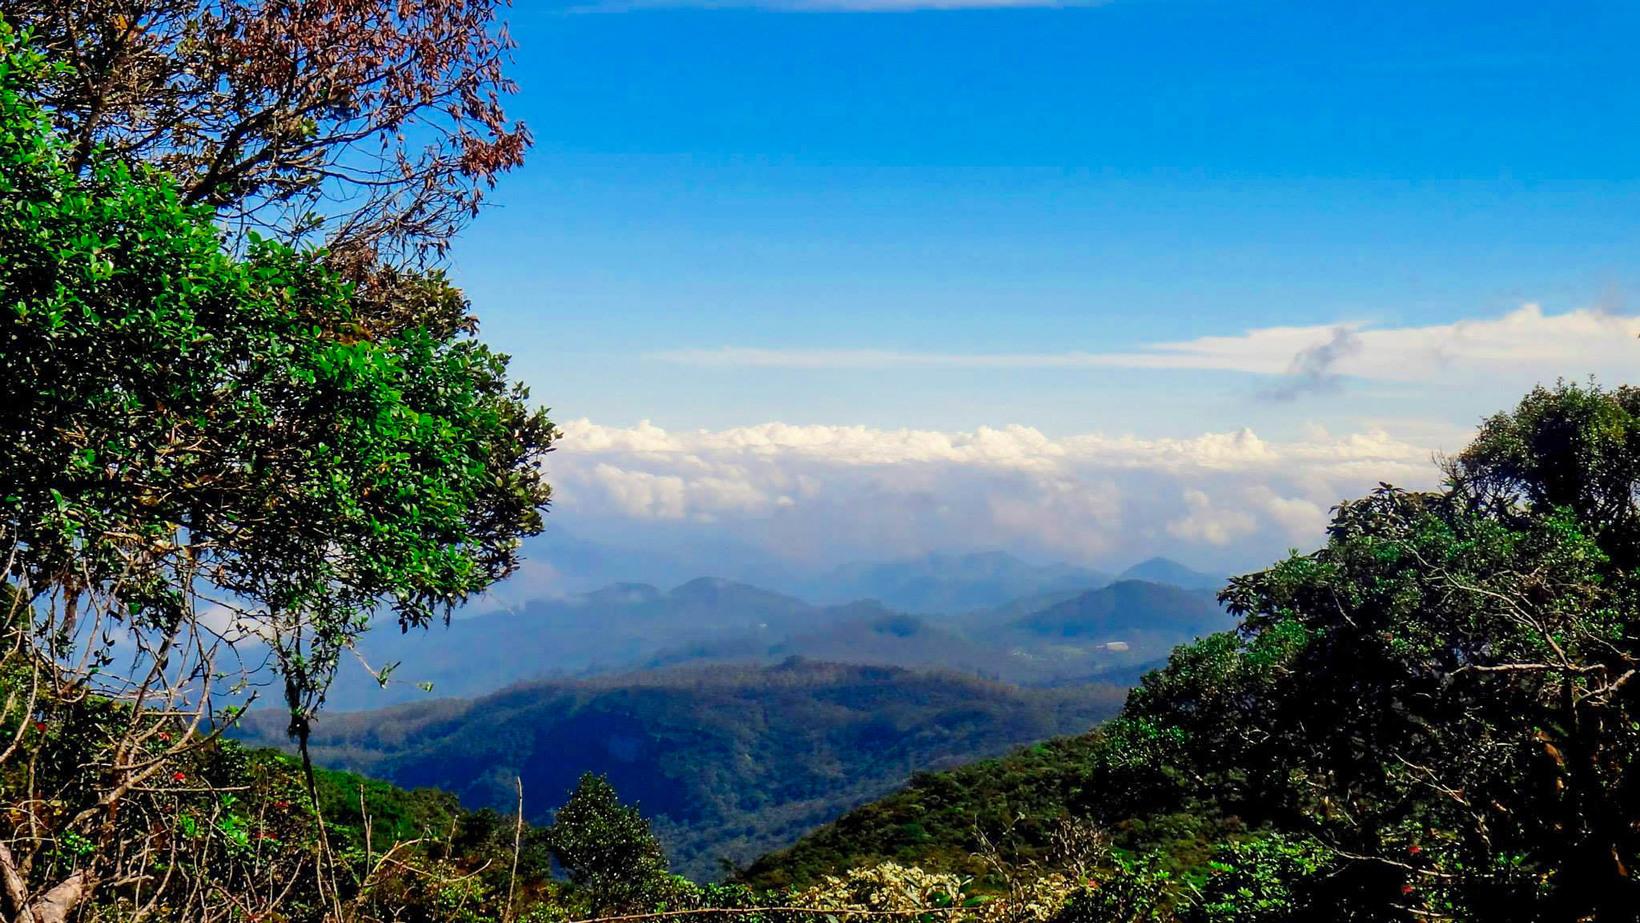 Pidurutalagala Mountain, Nuwara Eliya